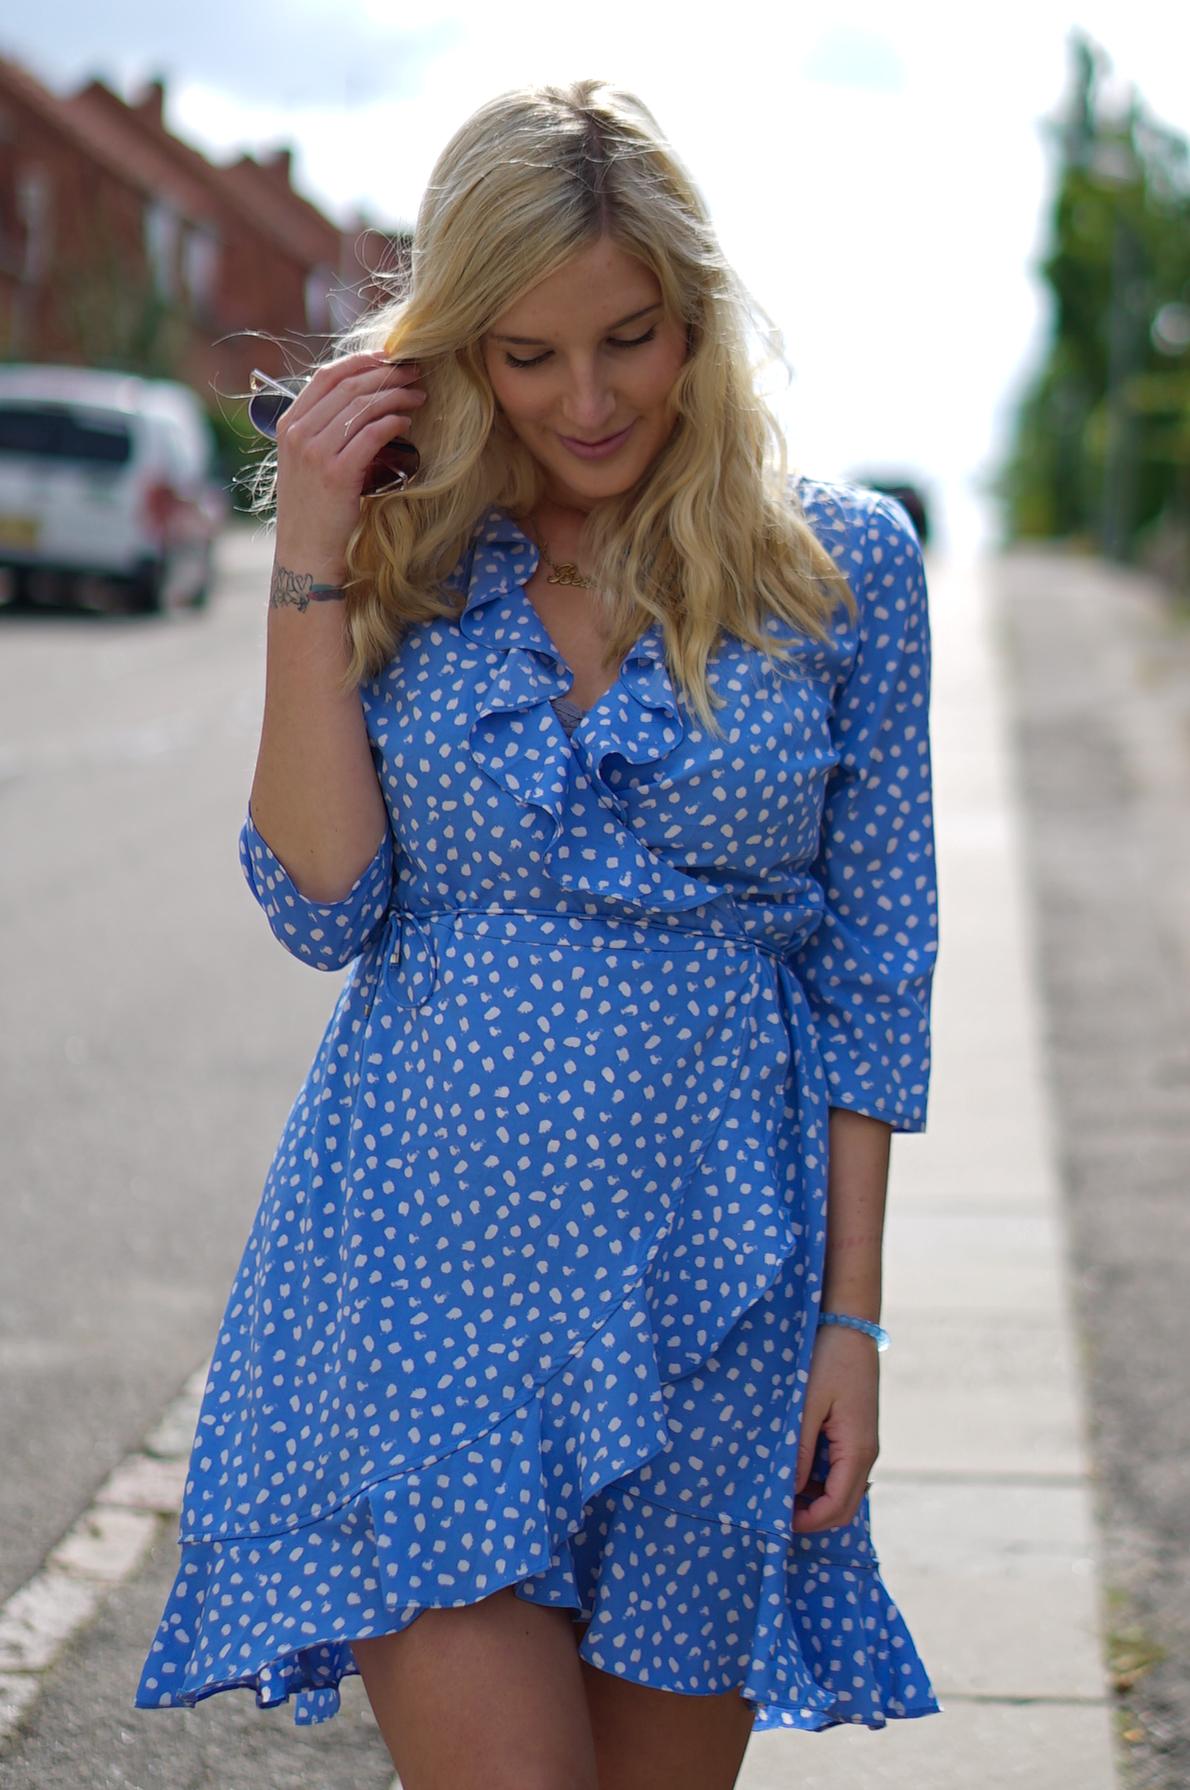 Teeny Weeny Blue Polka Dot Dress